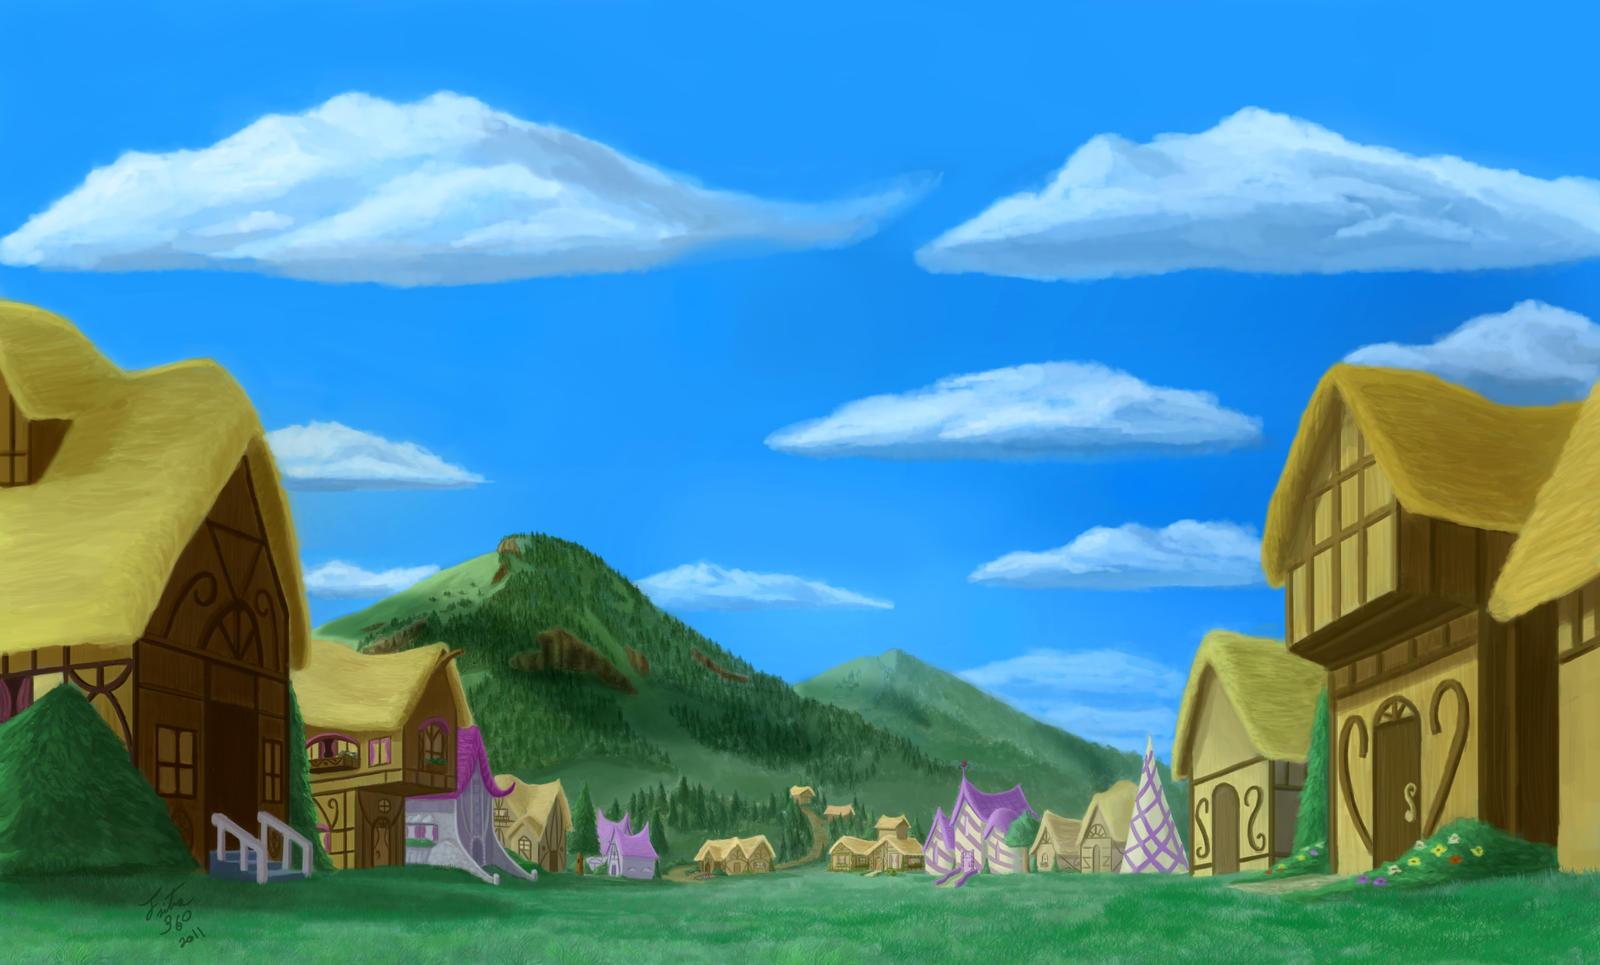 Ponyville Background by Tsitra360